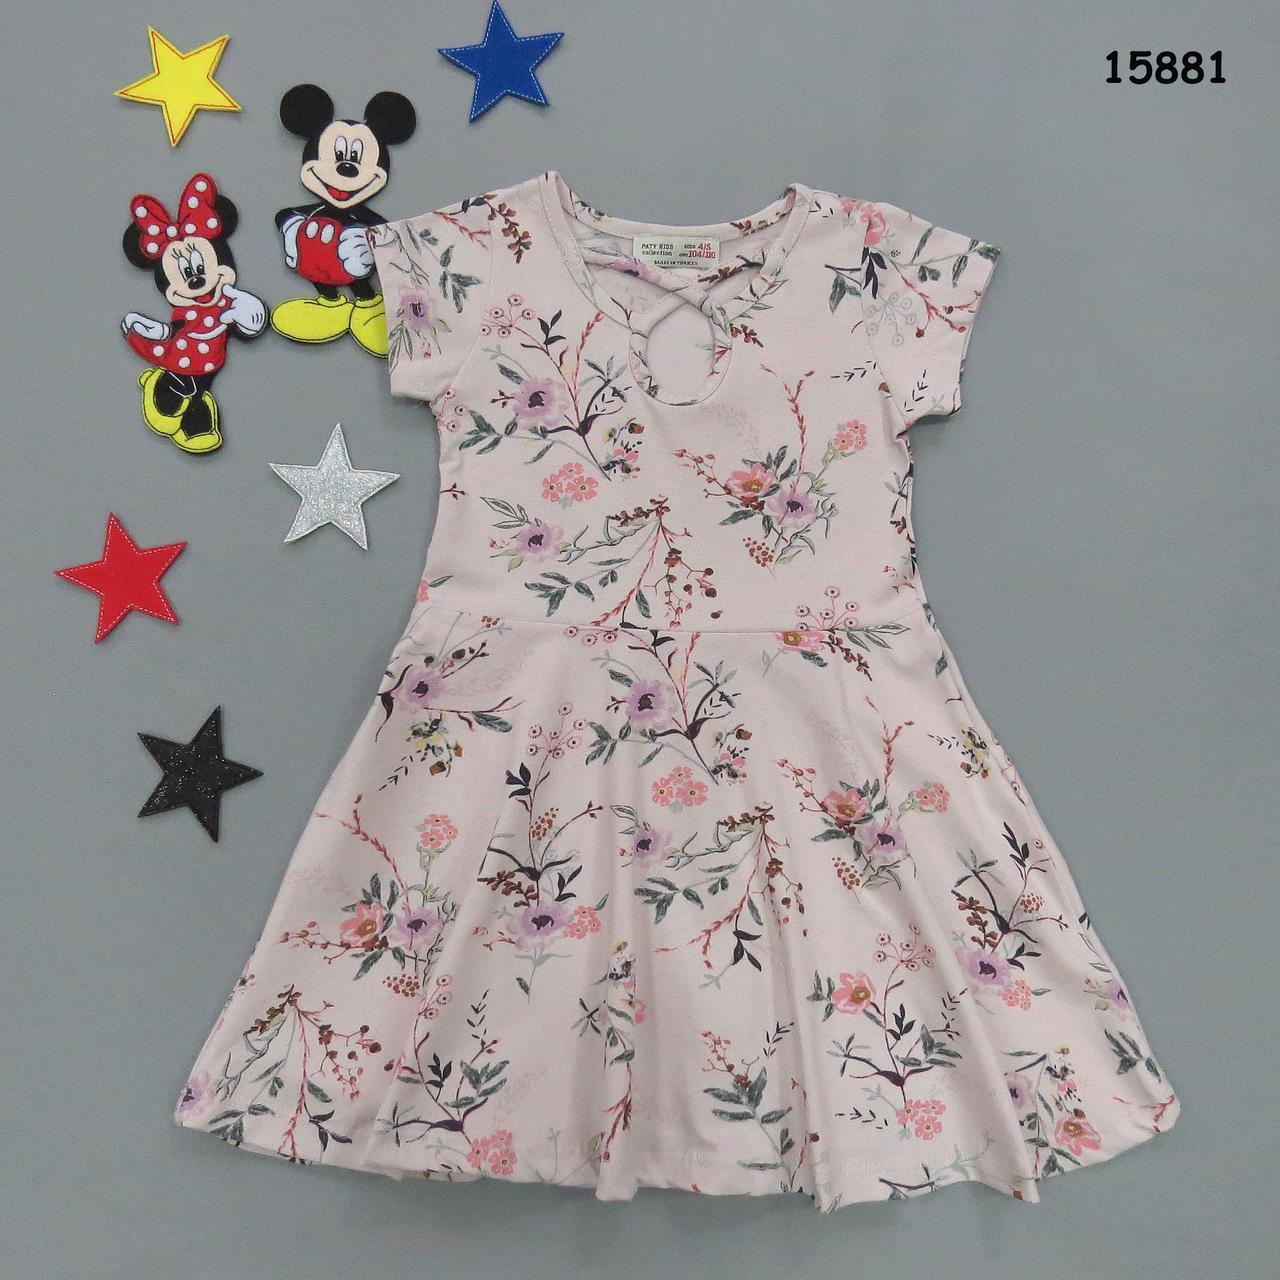 0bd9eff4dae Летнее платье для девочки. 4-5 лет - Детская одежда и товары